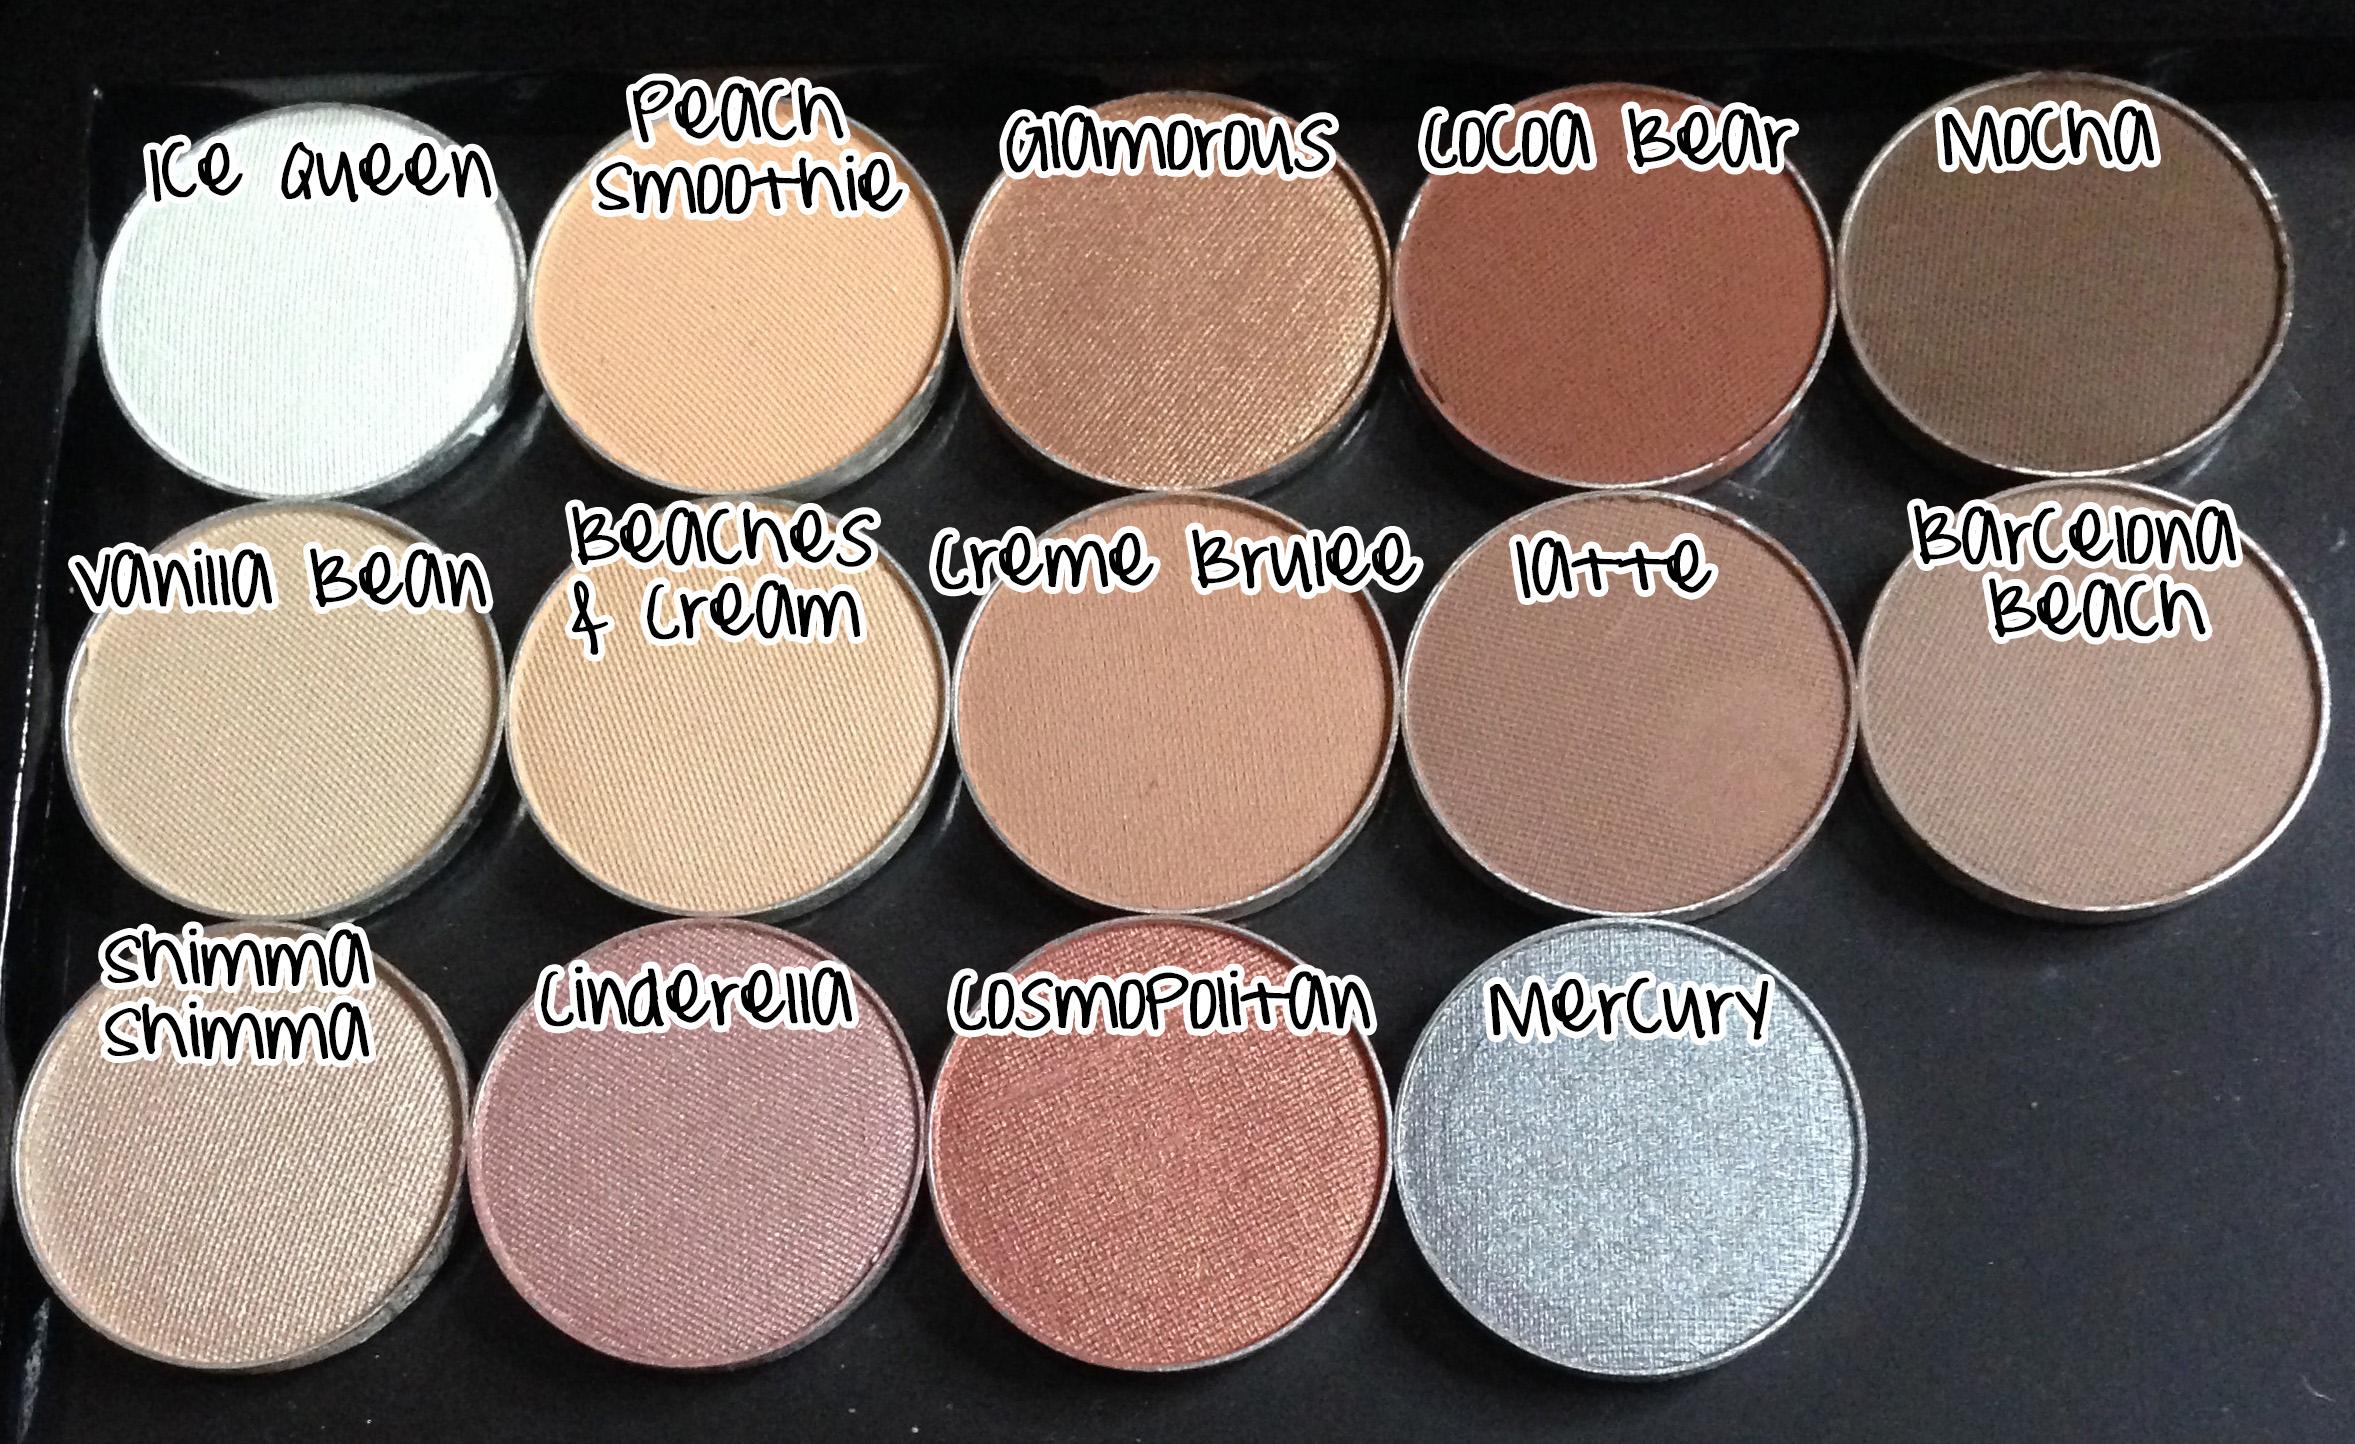 Makeup geek single eyeshadow peach smoothie